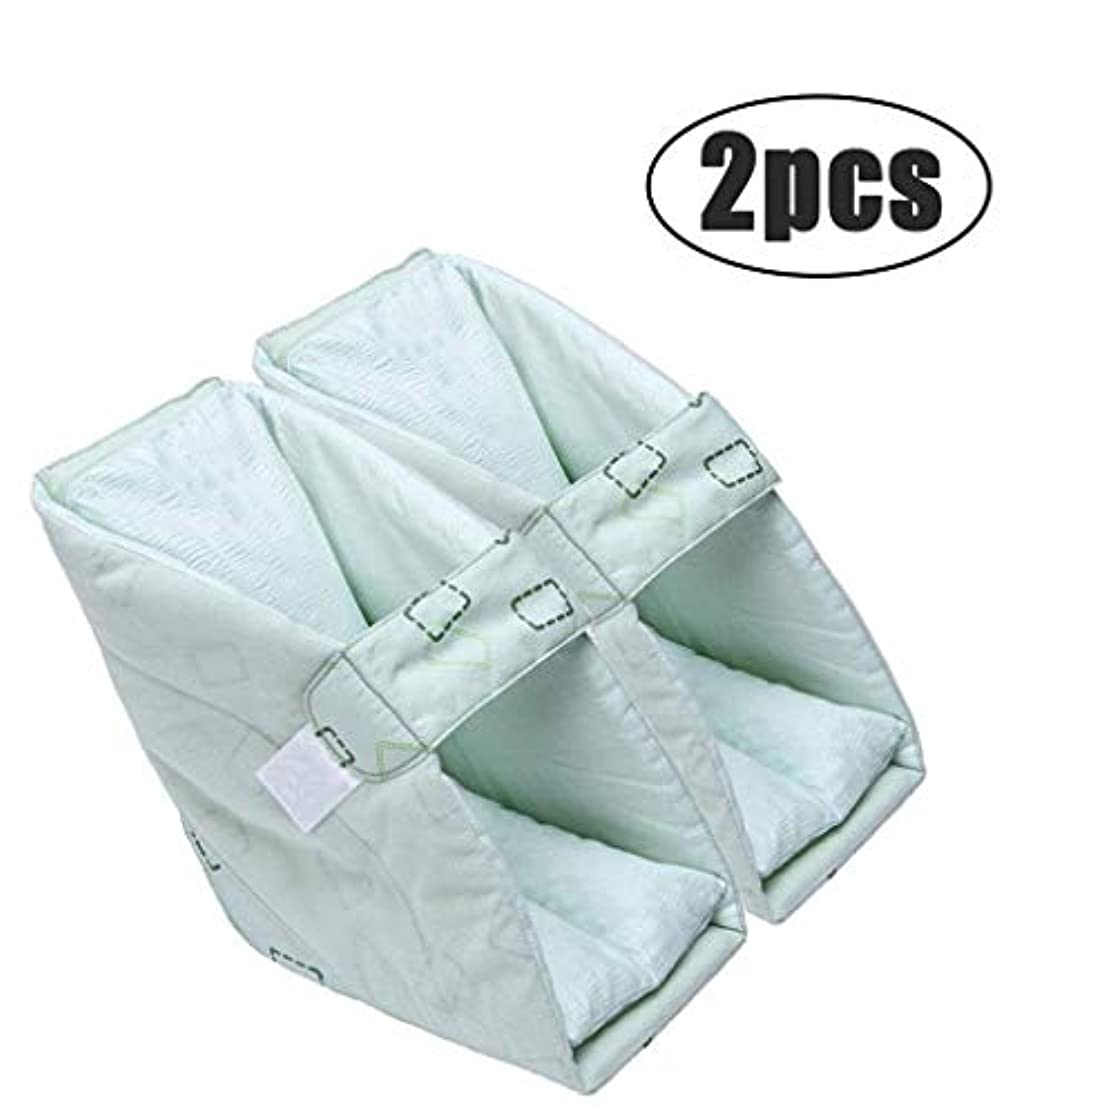 スナップスパンロックAlmohadillas para los pies Protectores para el talón Cojines, almohadilla de talón en la cama antiescaras: alivio efectivo de la presión y úlceras para pies hinchados,2pcs